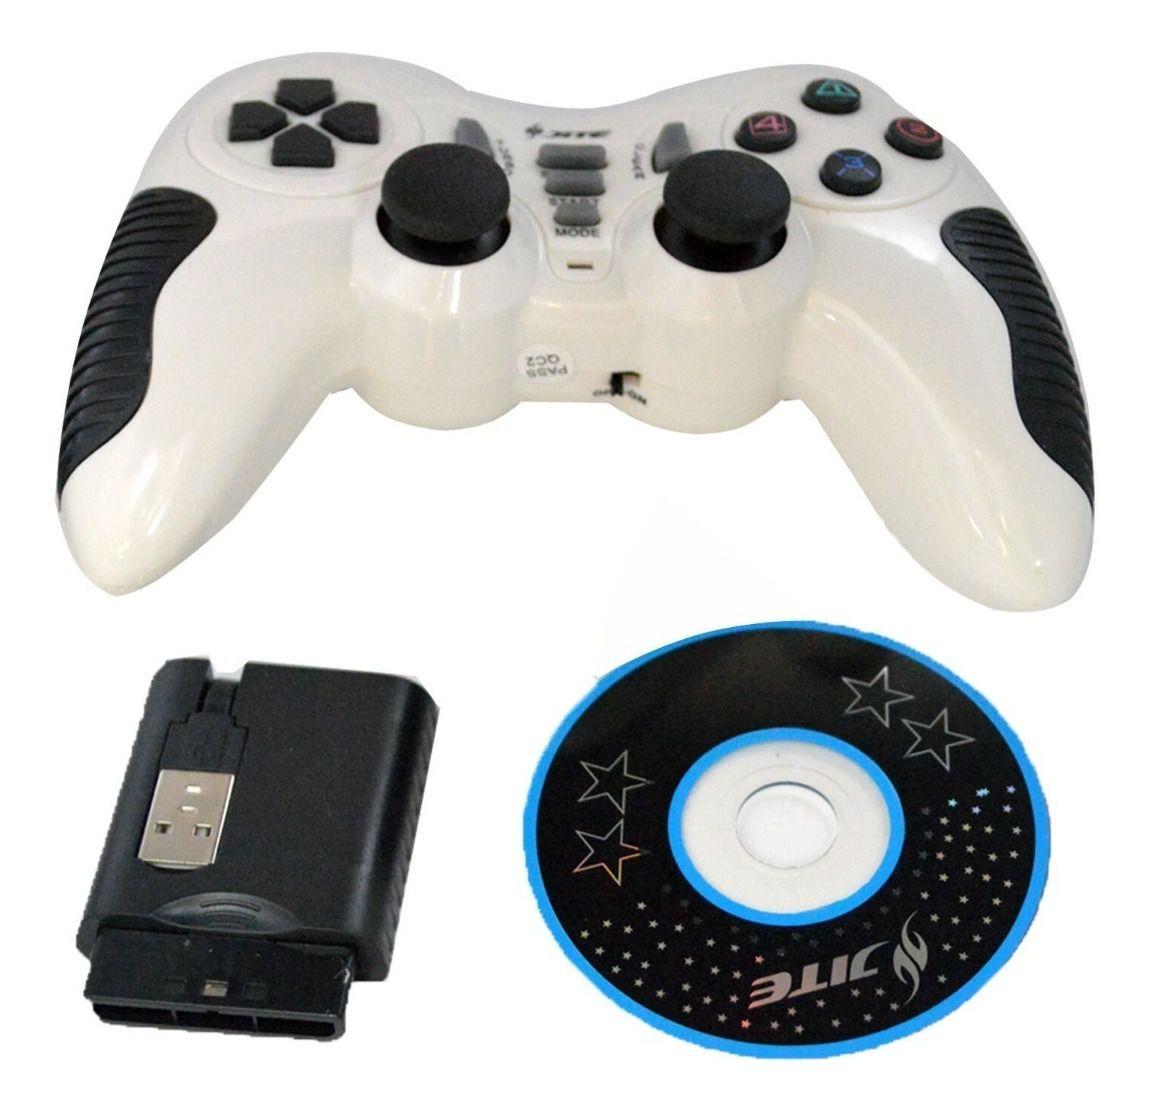 CONTROLE 3IN1 PS2/PS3/PC SEM FIO PILHA CX-506 SHK